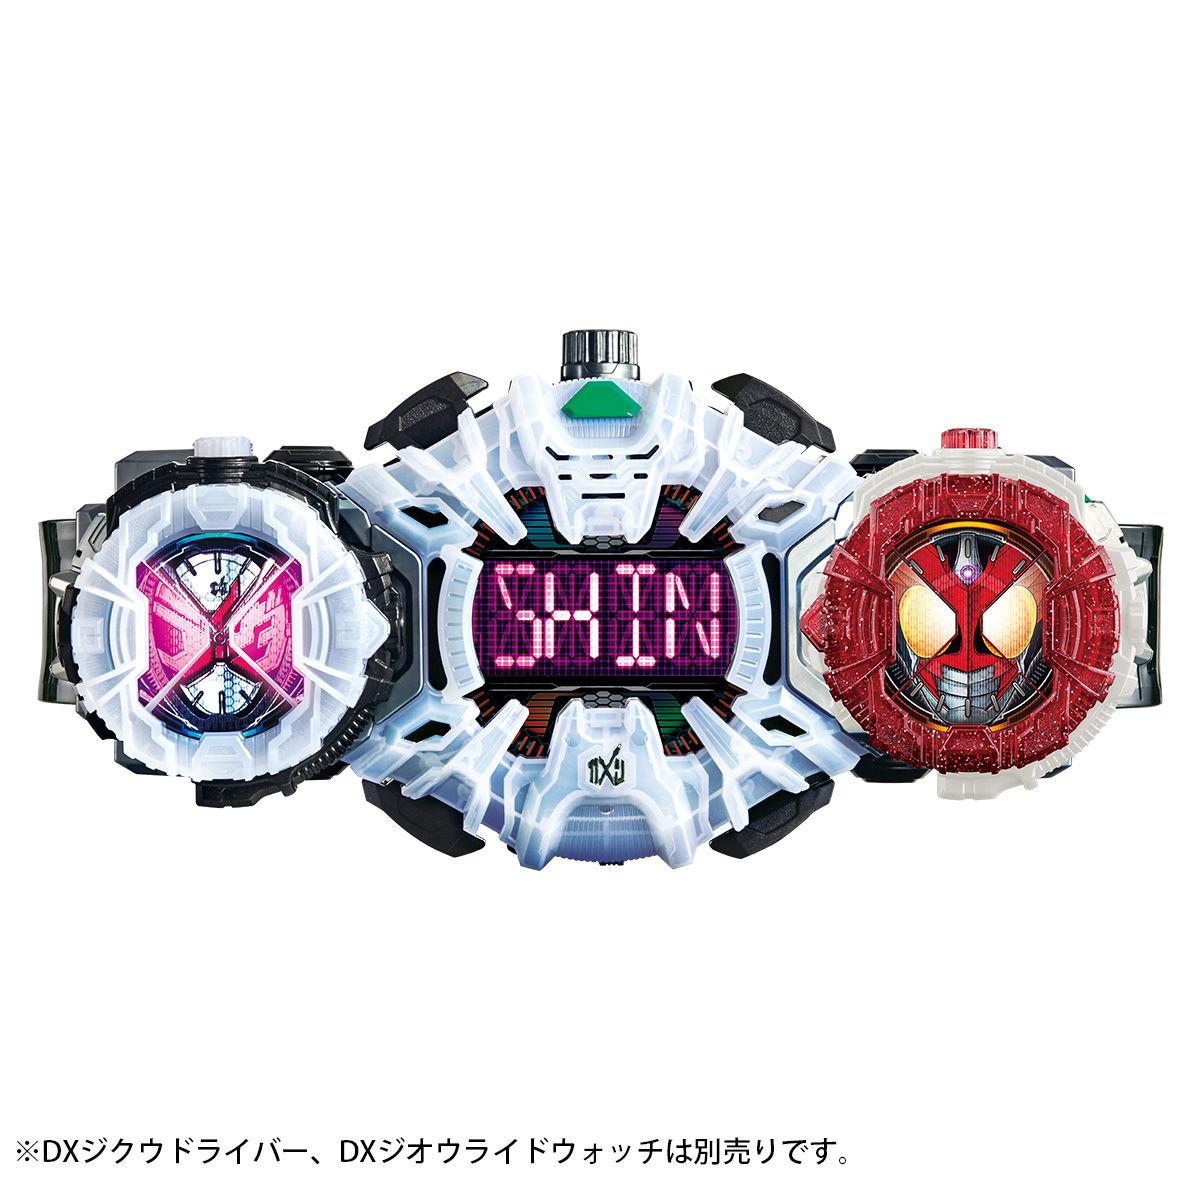 仮面ライダージオウ『DXライドウォッチセットVOL.1』変身なりきり-008